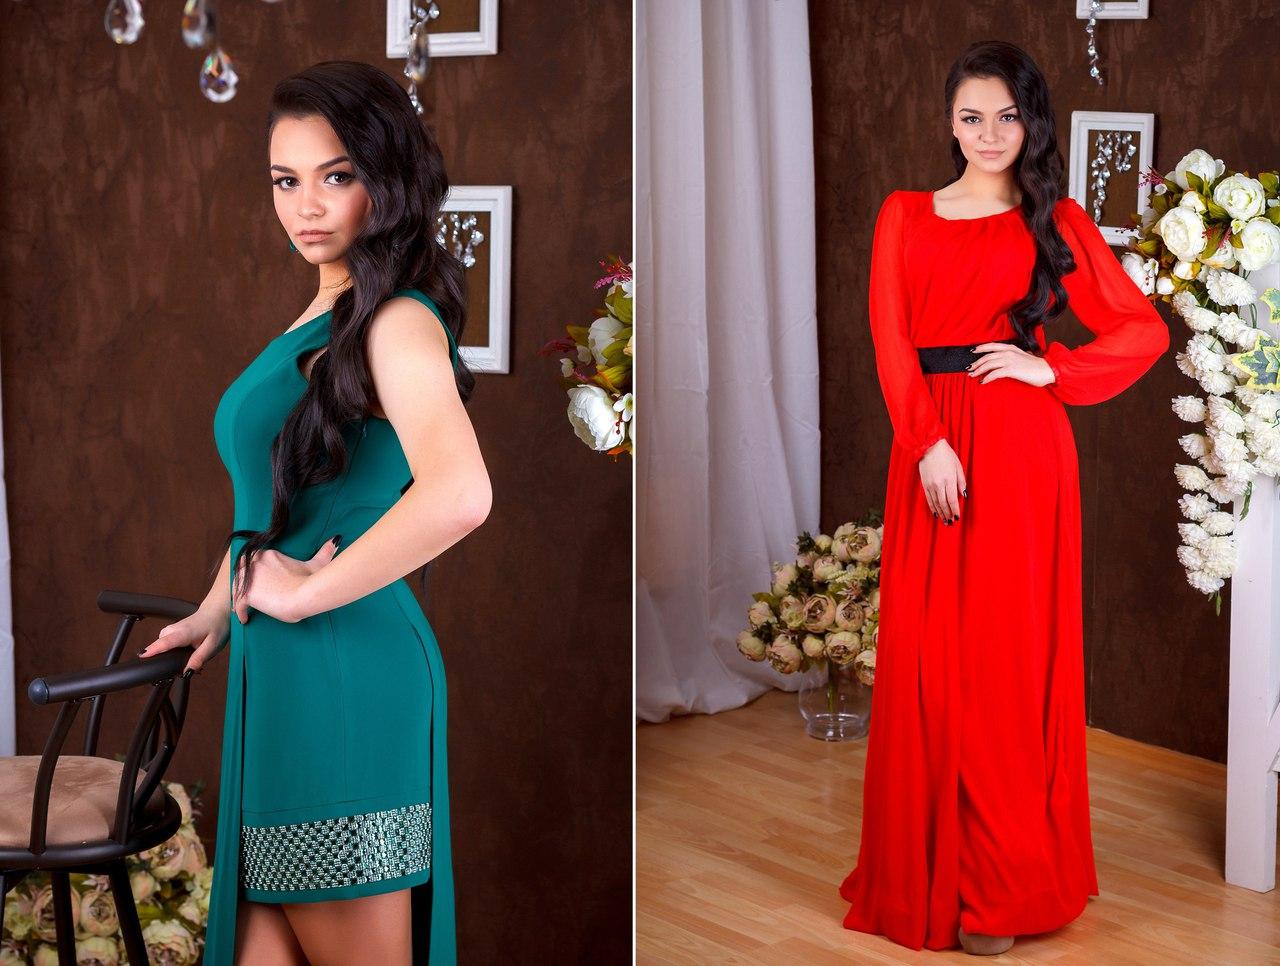 Работа для девушек в торжке модели онлайн гаврилов посад